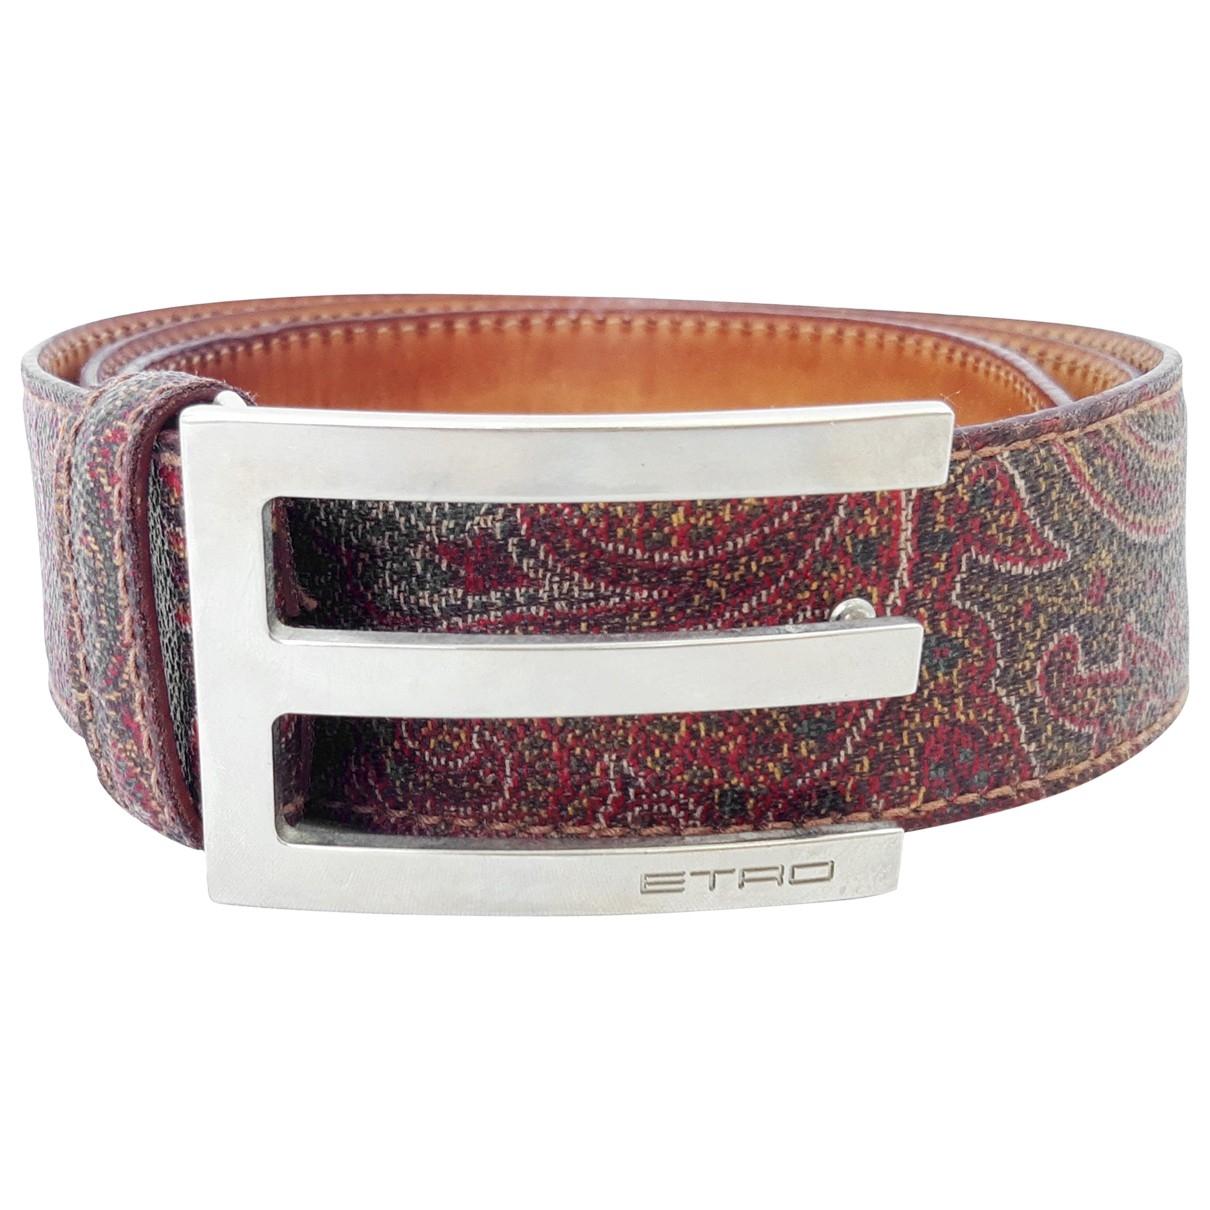 Etro \N Cloth belt for Women 95 cm